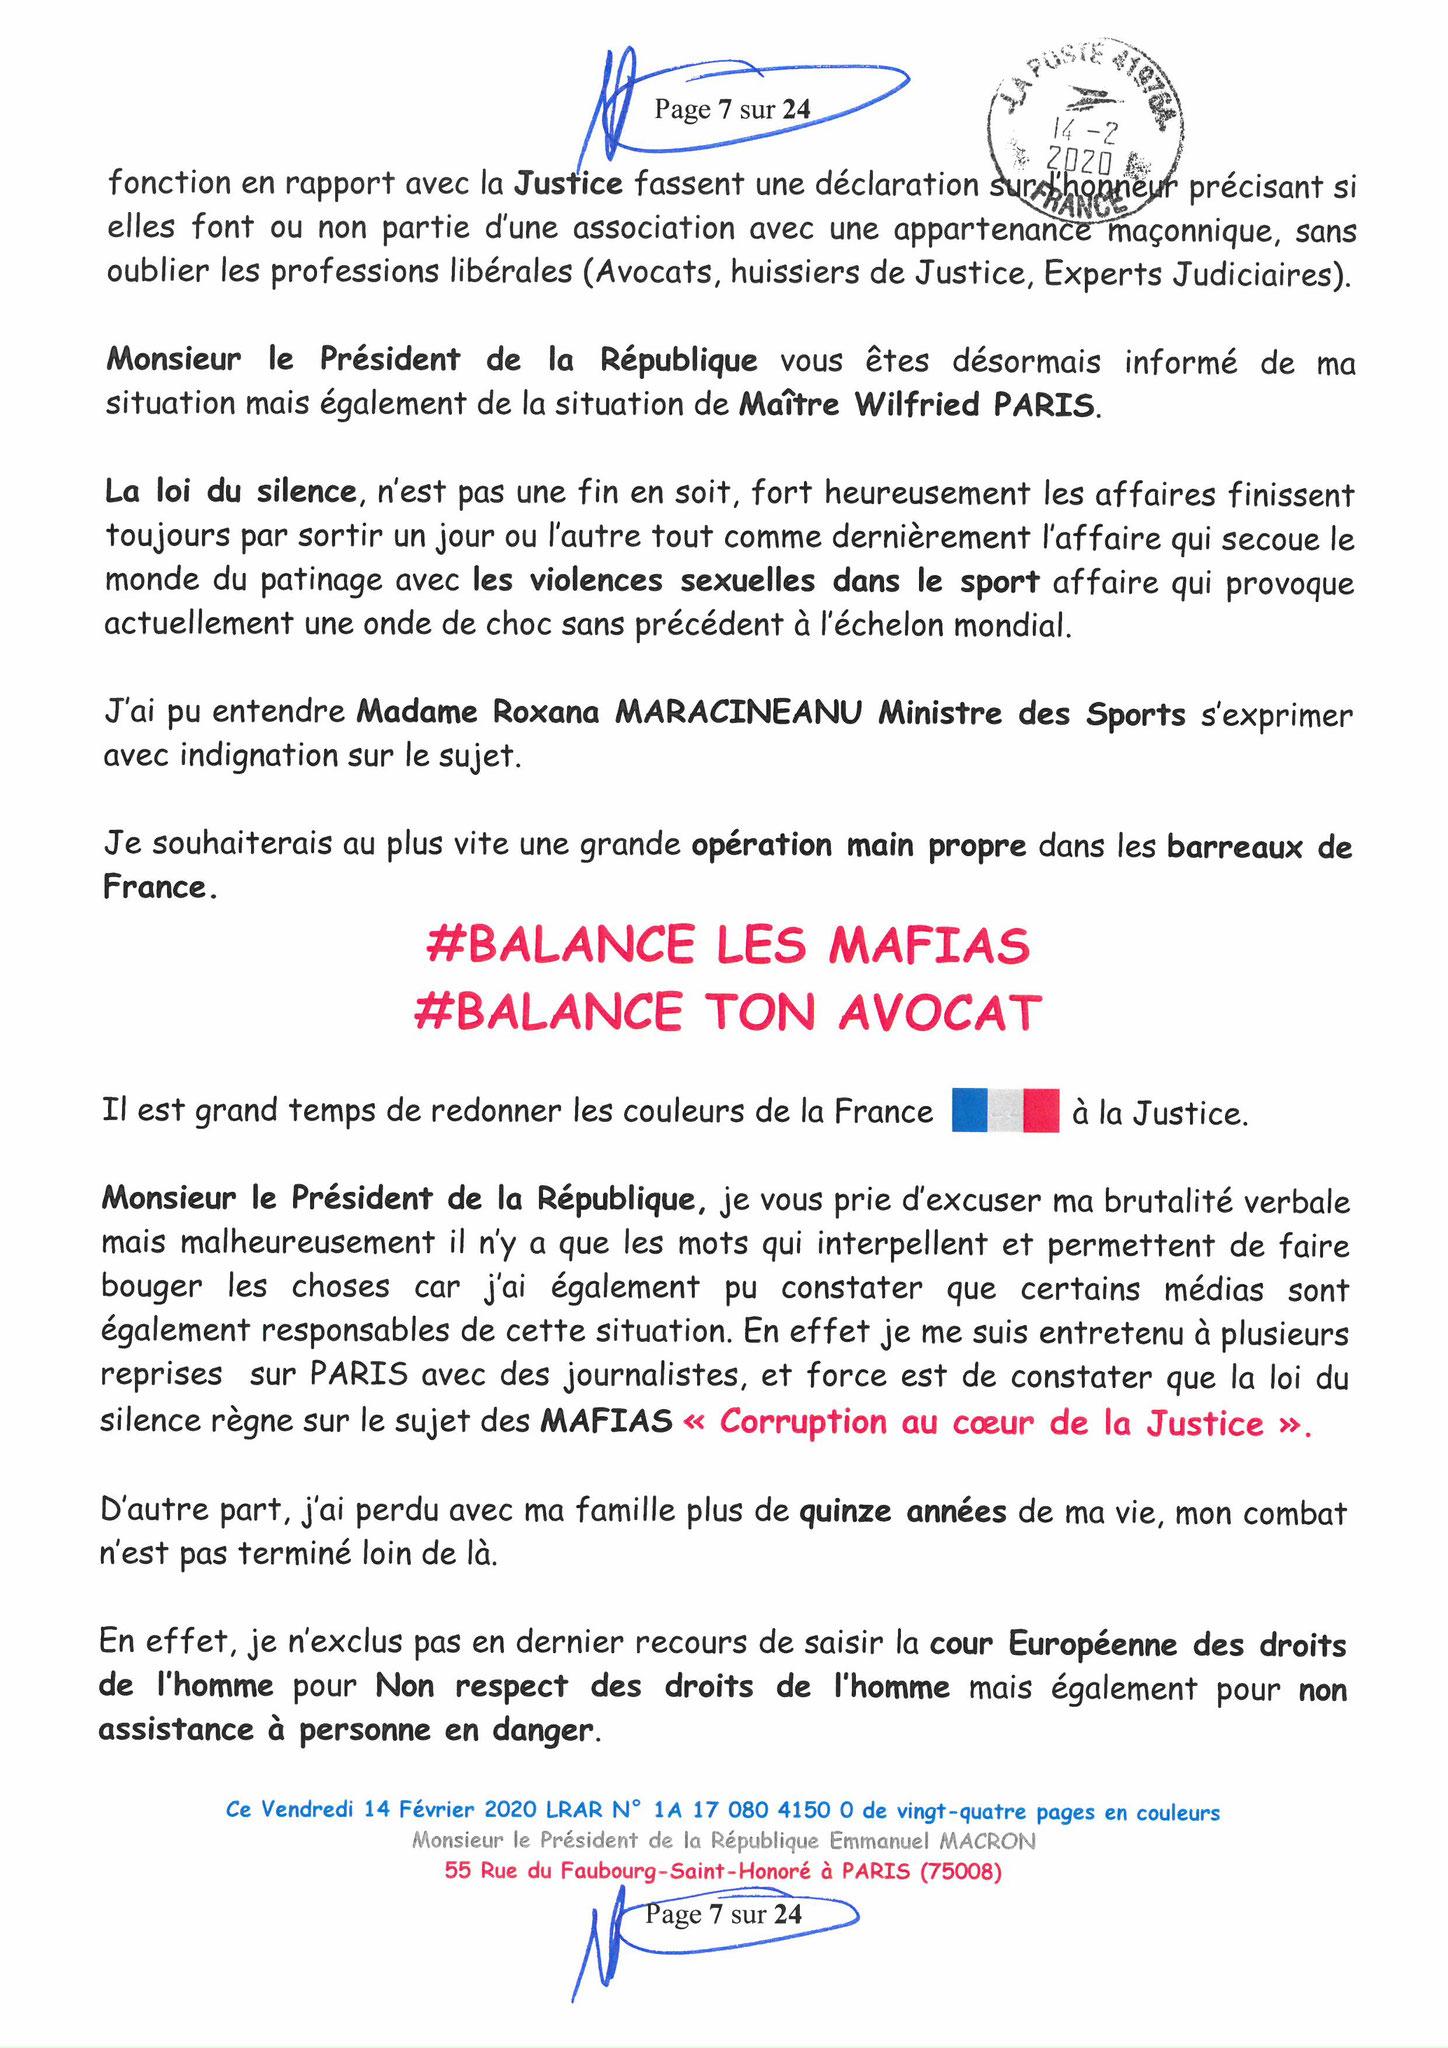 Ma lettre recommandée du 14 Février 2020 N° 1A 178 082 4150 0  page 7 sur 24 en couleur que j'ai adressé à Monsieur Emmanuel MACRON le Président de la République www.jesuispatrick.fr www.jesuisvictime.fr www.alerte-rouge-france.fr